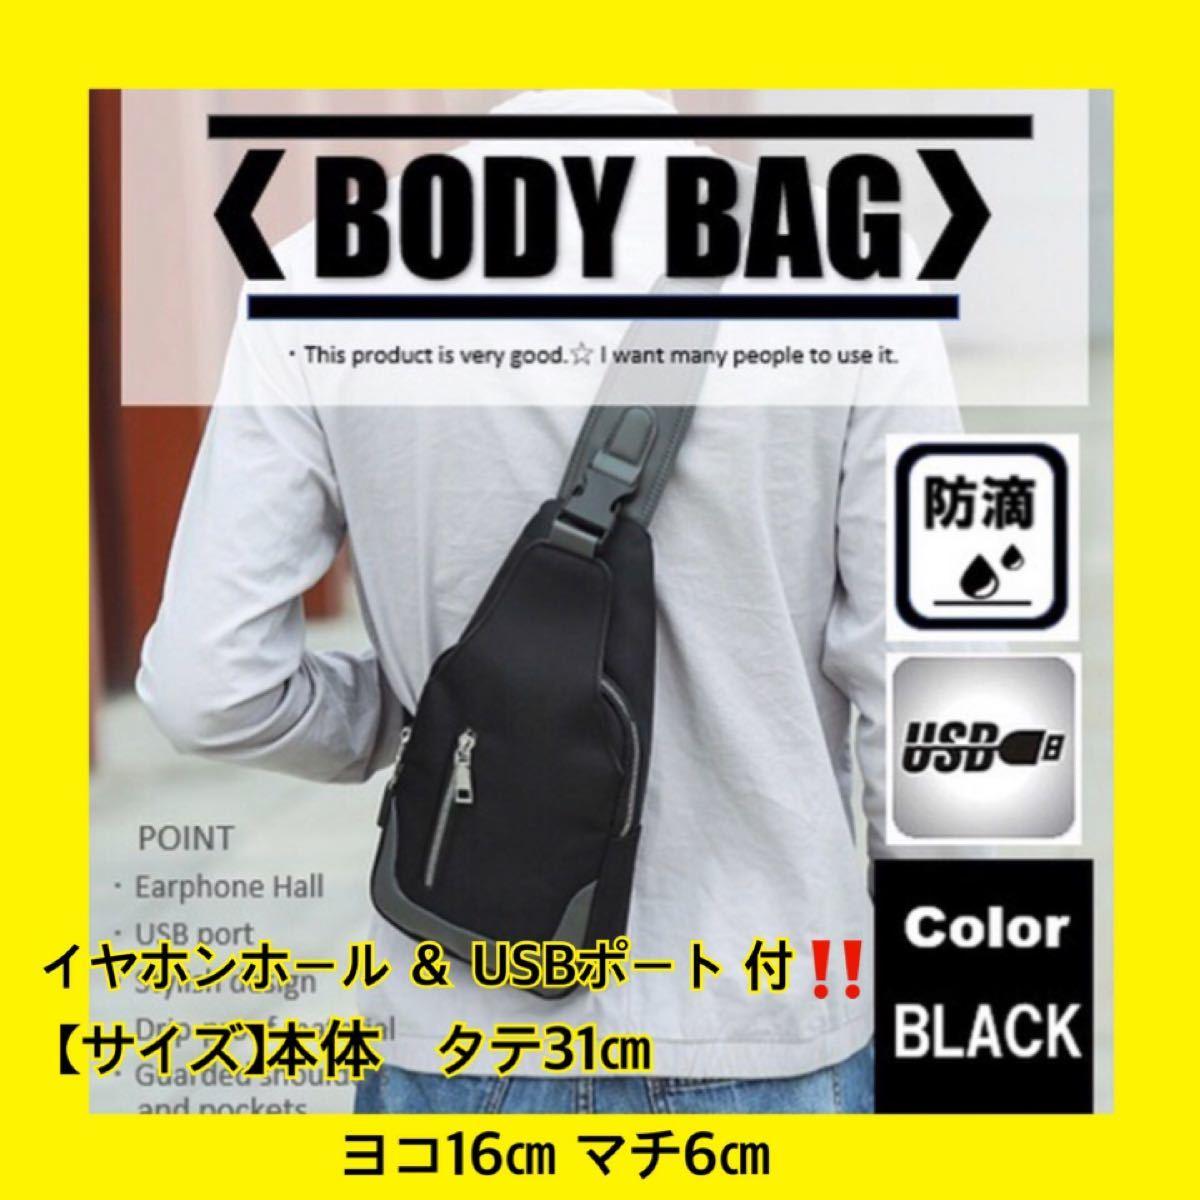 ショルダーバッグ ボディーバッグ ワンショルダーバッグ【ブラック】 ボディバッグ 斜め掛けバッグ 斜め掛け メンズボディバッグ